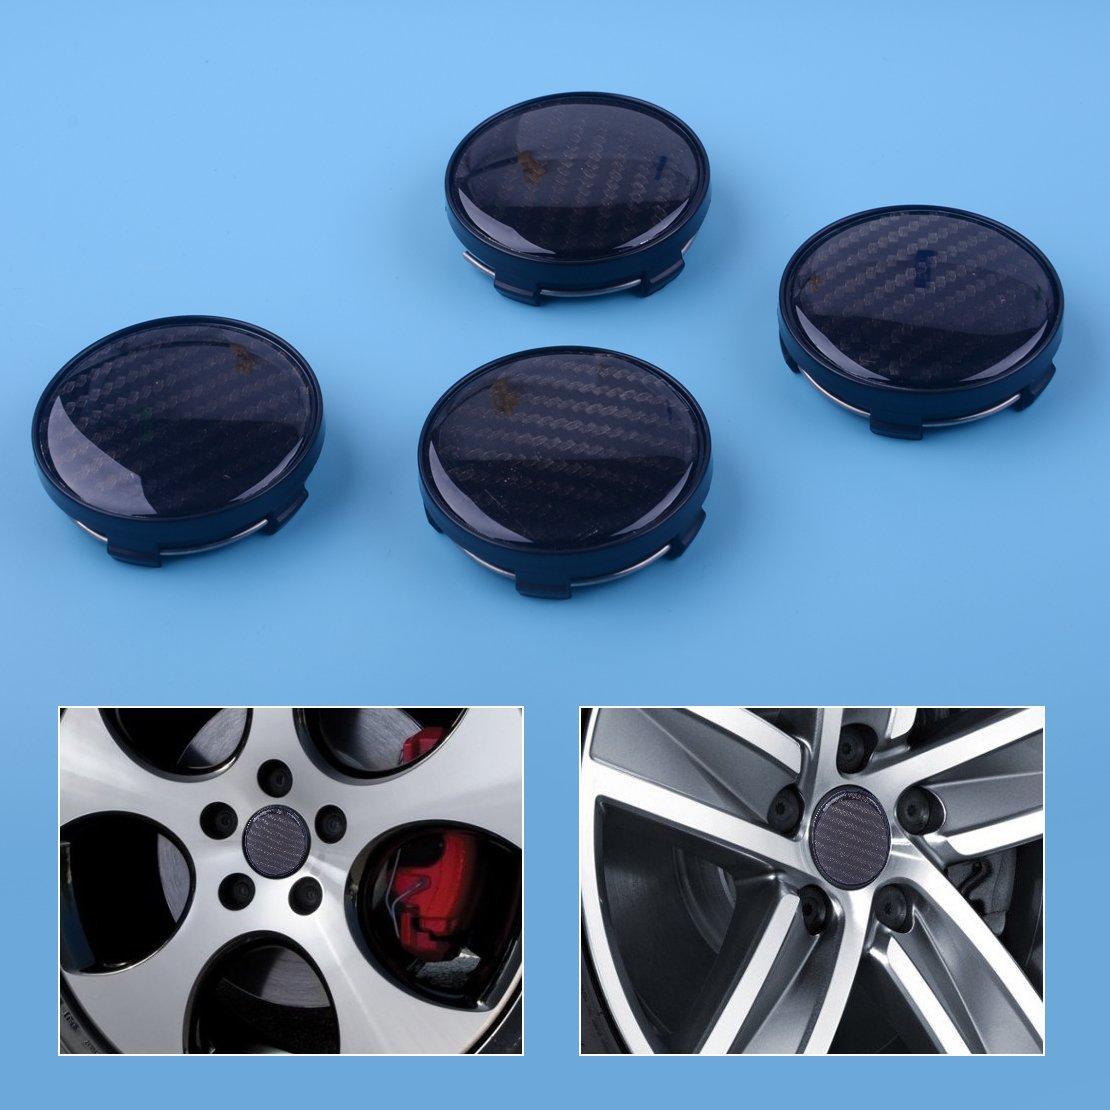 beler 4 pcs 60mm 58mm Diam/ètre En Fiber De Carbone Motif Voiture SUV Roue Centre Hub Caps Couverture